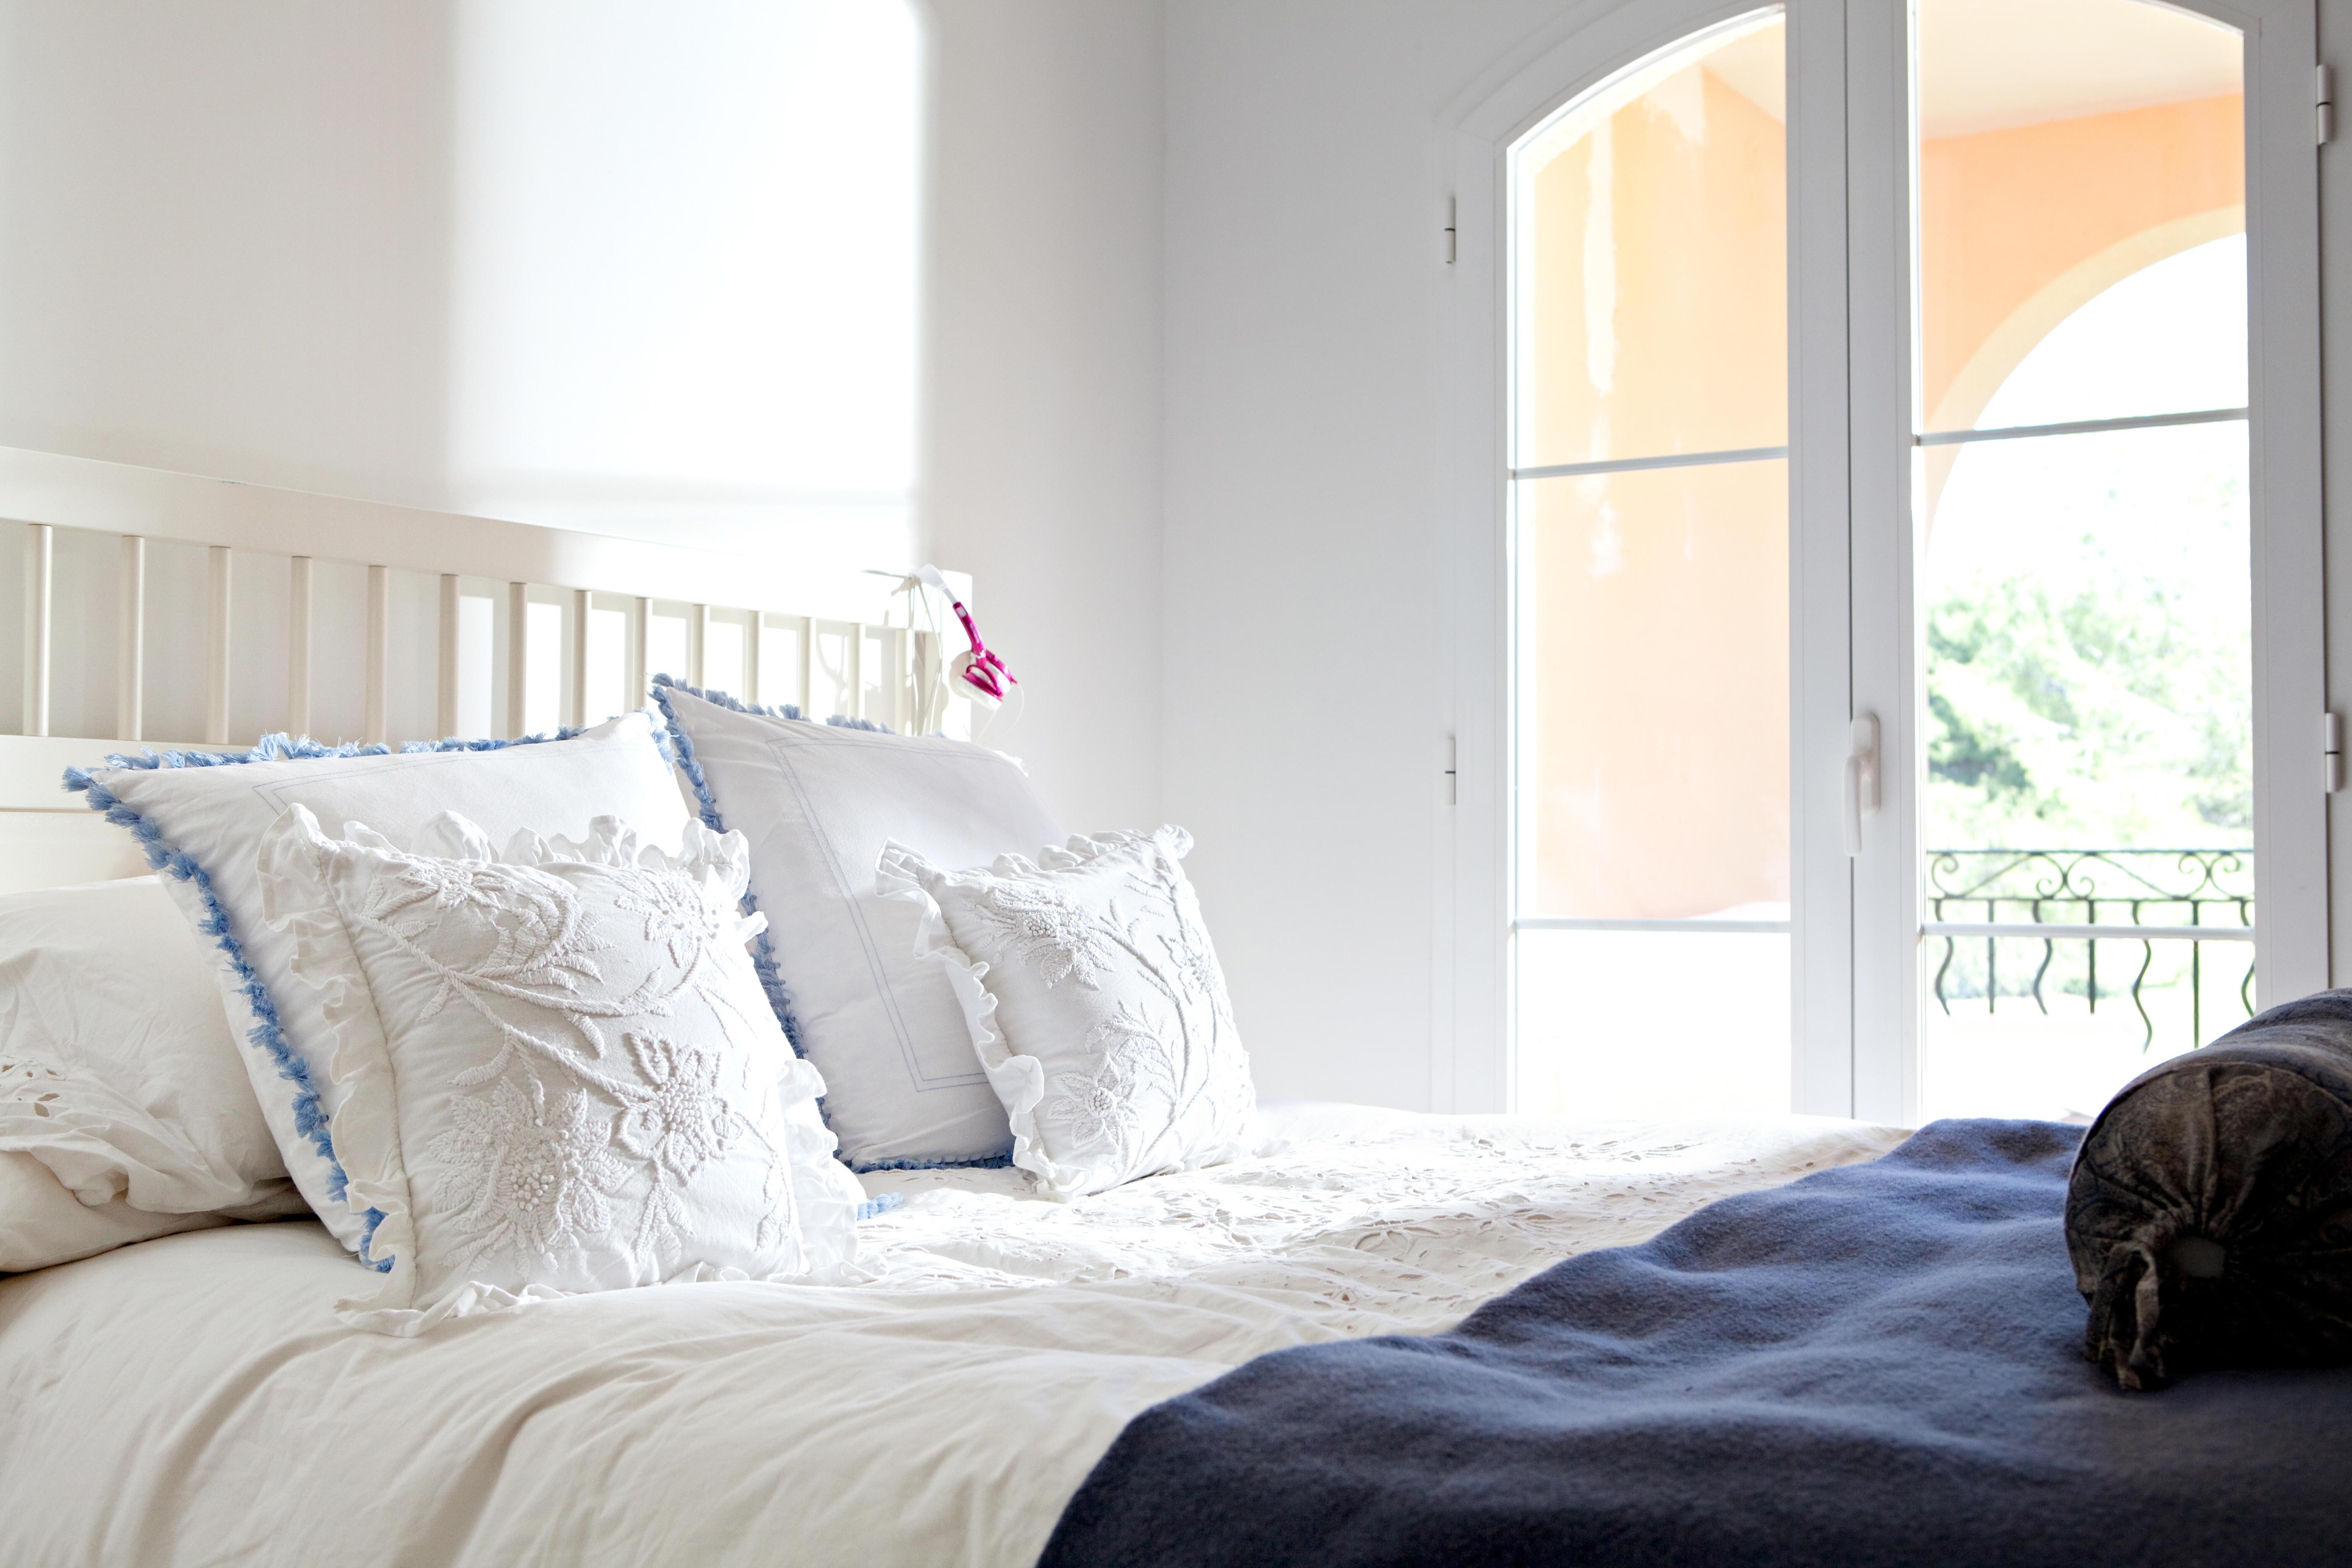 die 6 h ufigsten einrichtungsfehler im schlafzimmer. Black Bedroom Furniture Sets. Home Design Ideas